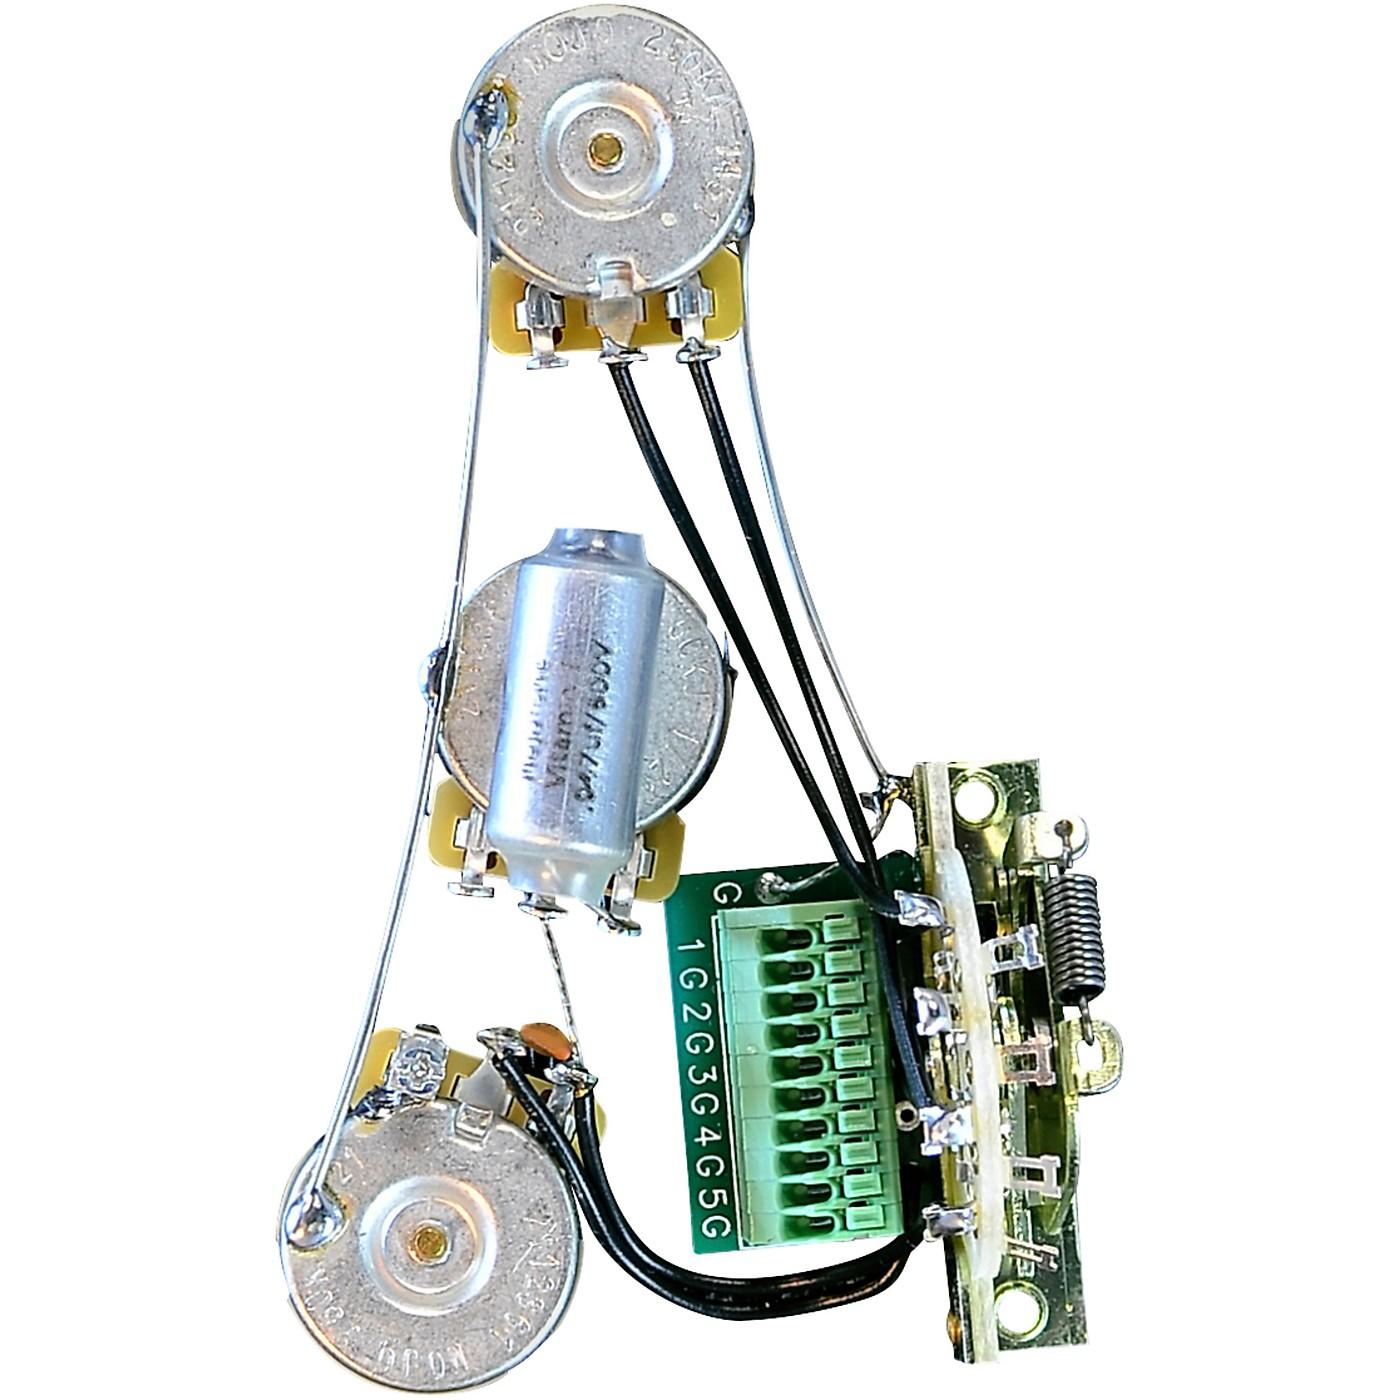 Mojotone Solderless Strat Blender Guitar Wiring Harness thumbnail